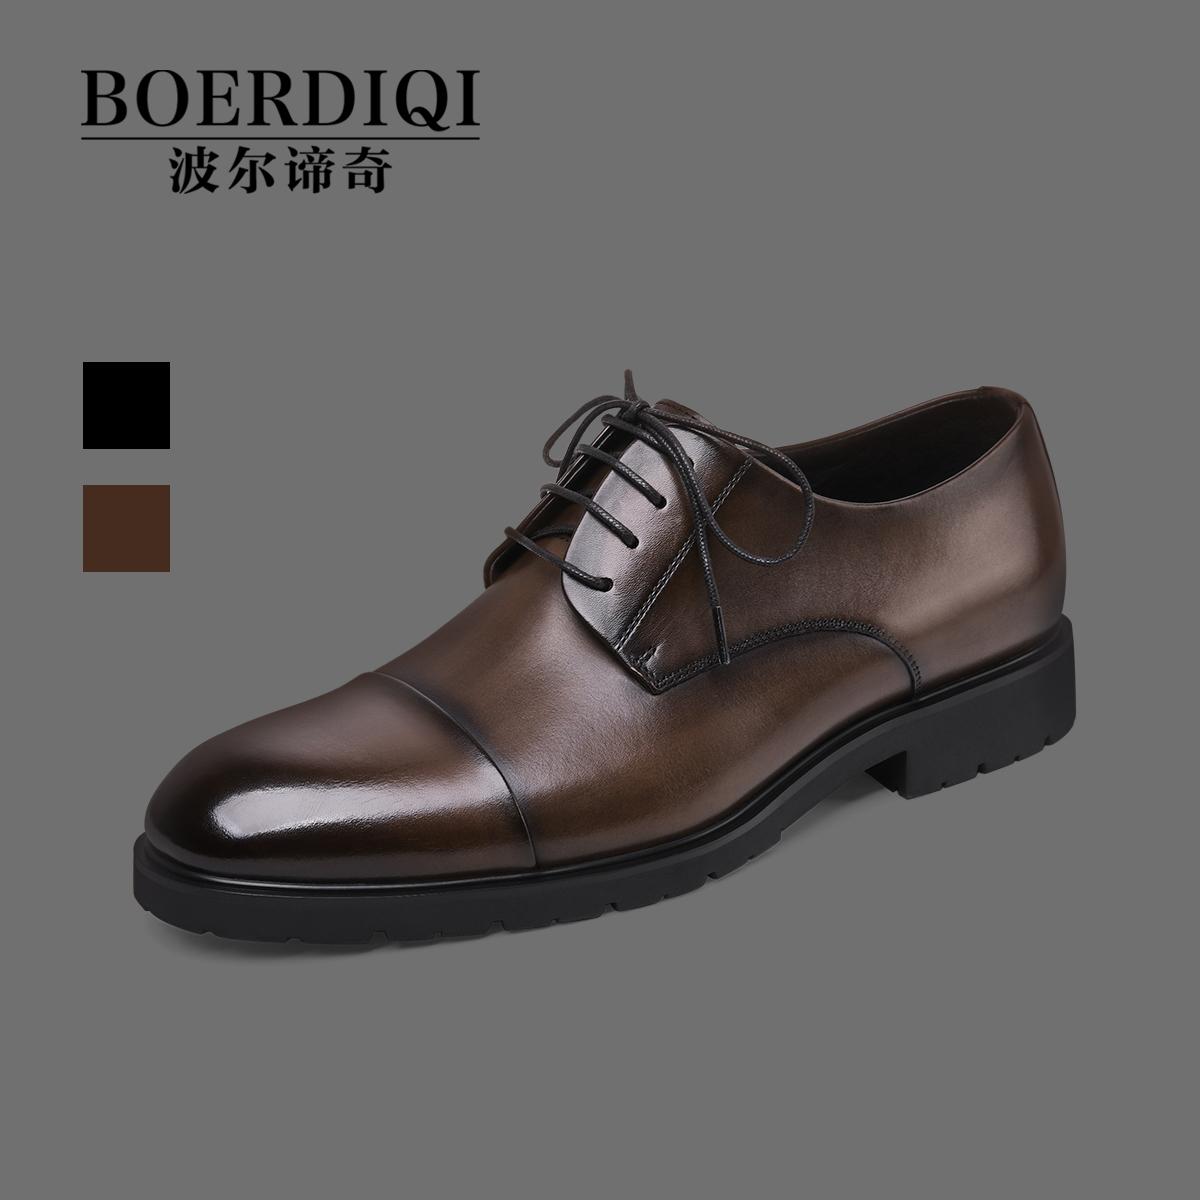 ビジネスカジュアル本革男性靴2021新型牛革クラシックエレンメンズ靴正装社交靴